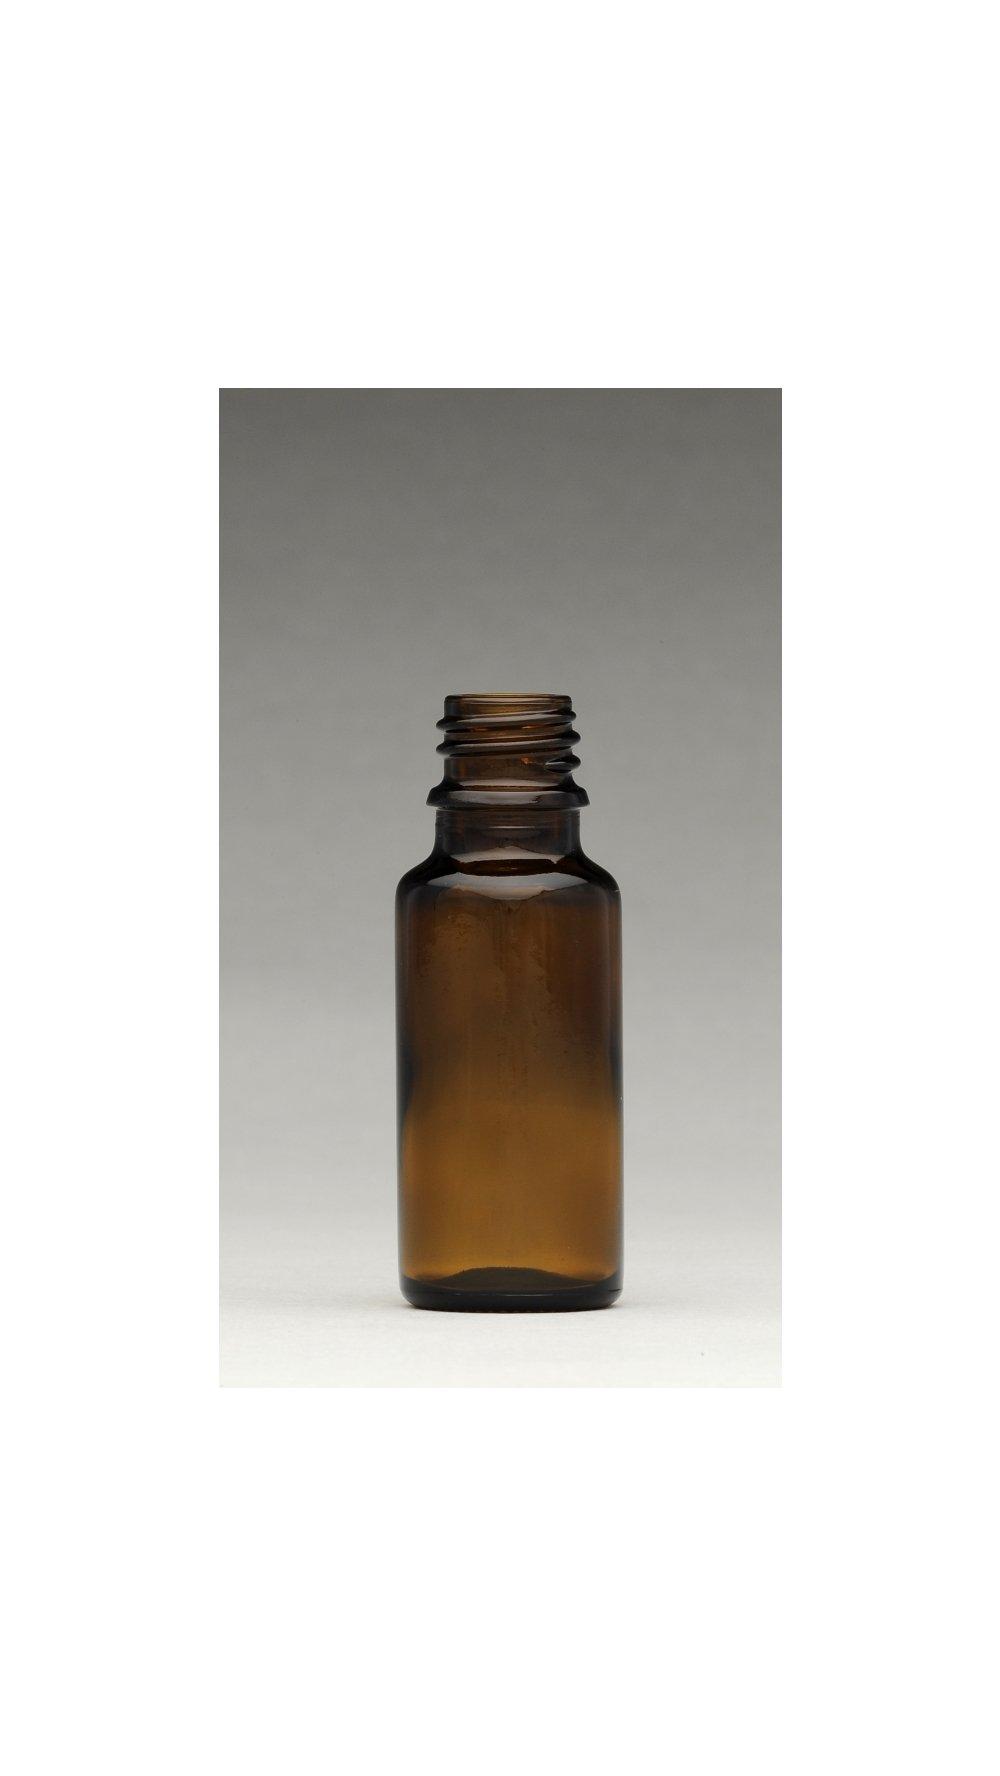 Lahev hnědé sklo 20 ml